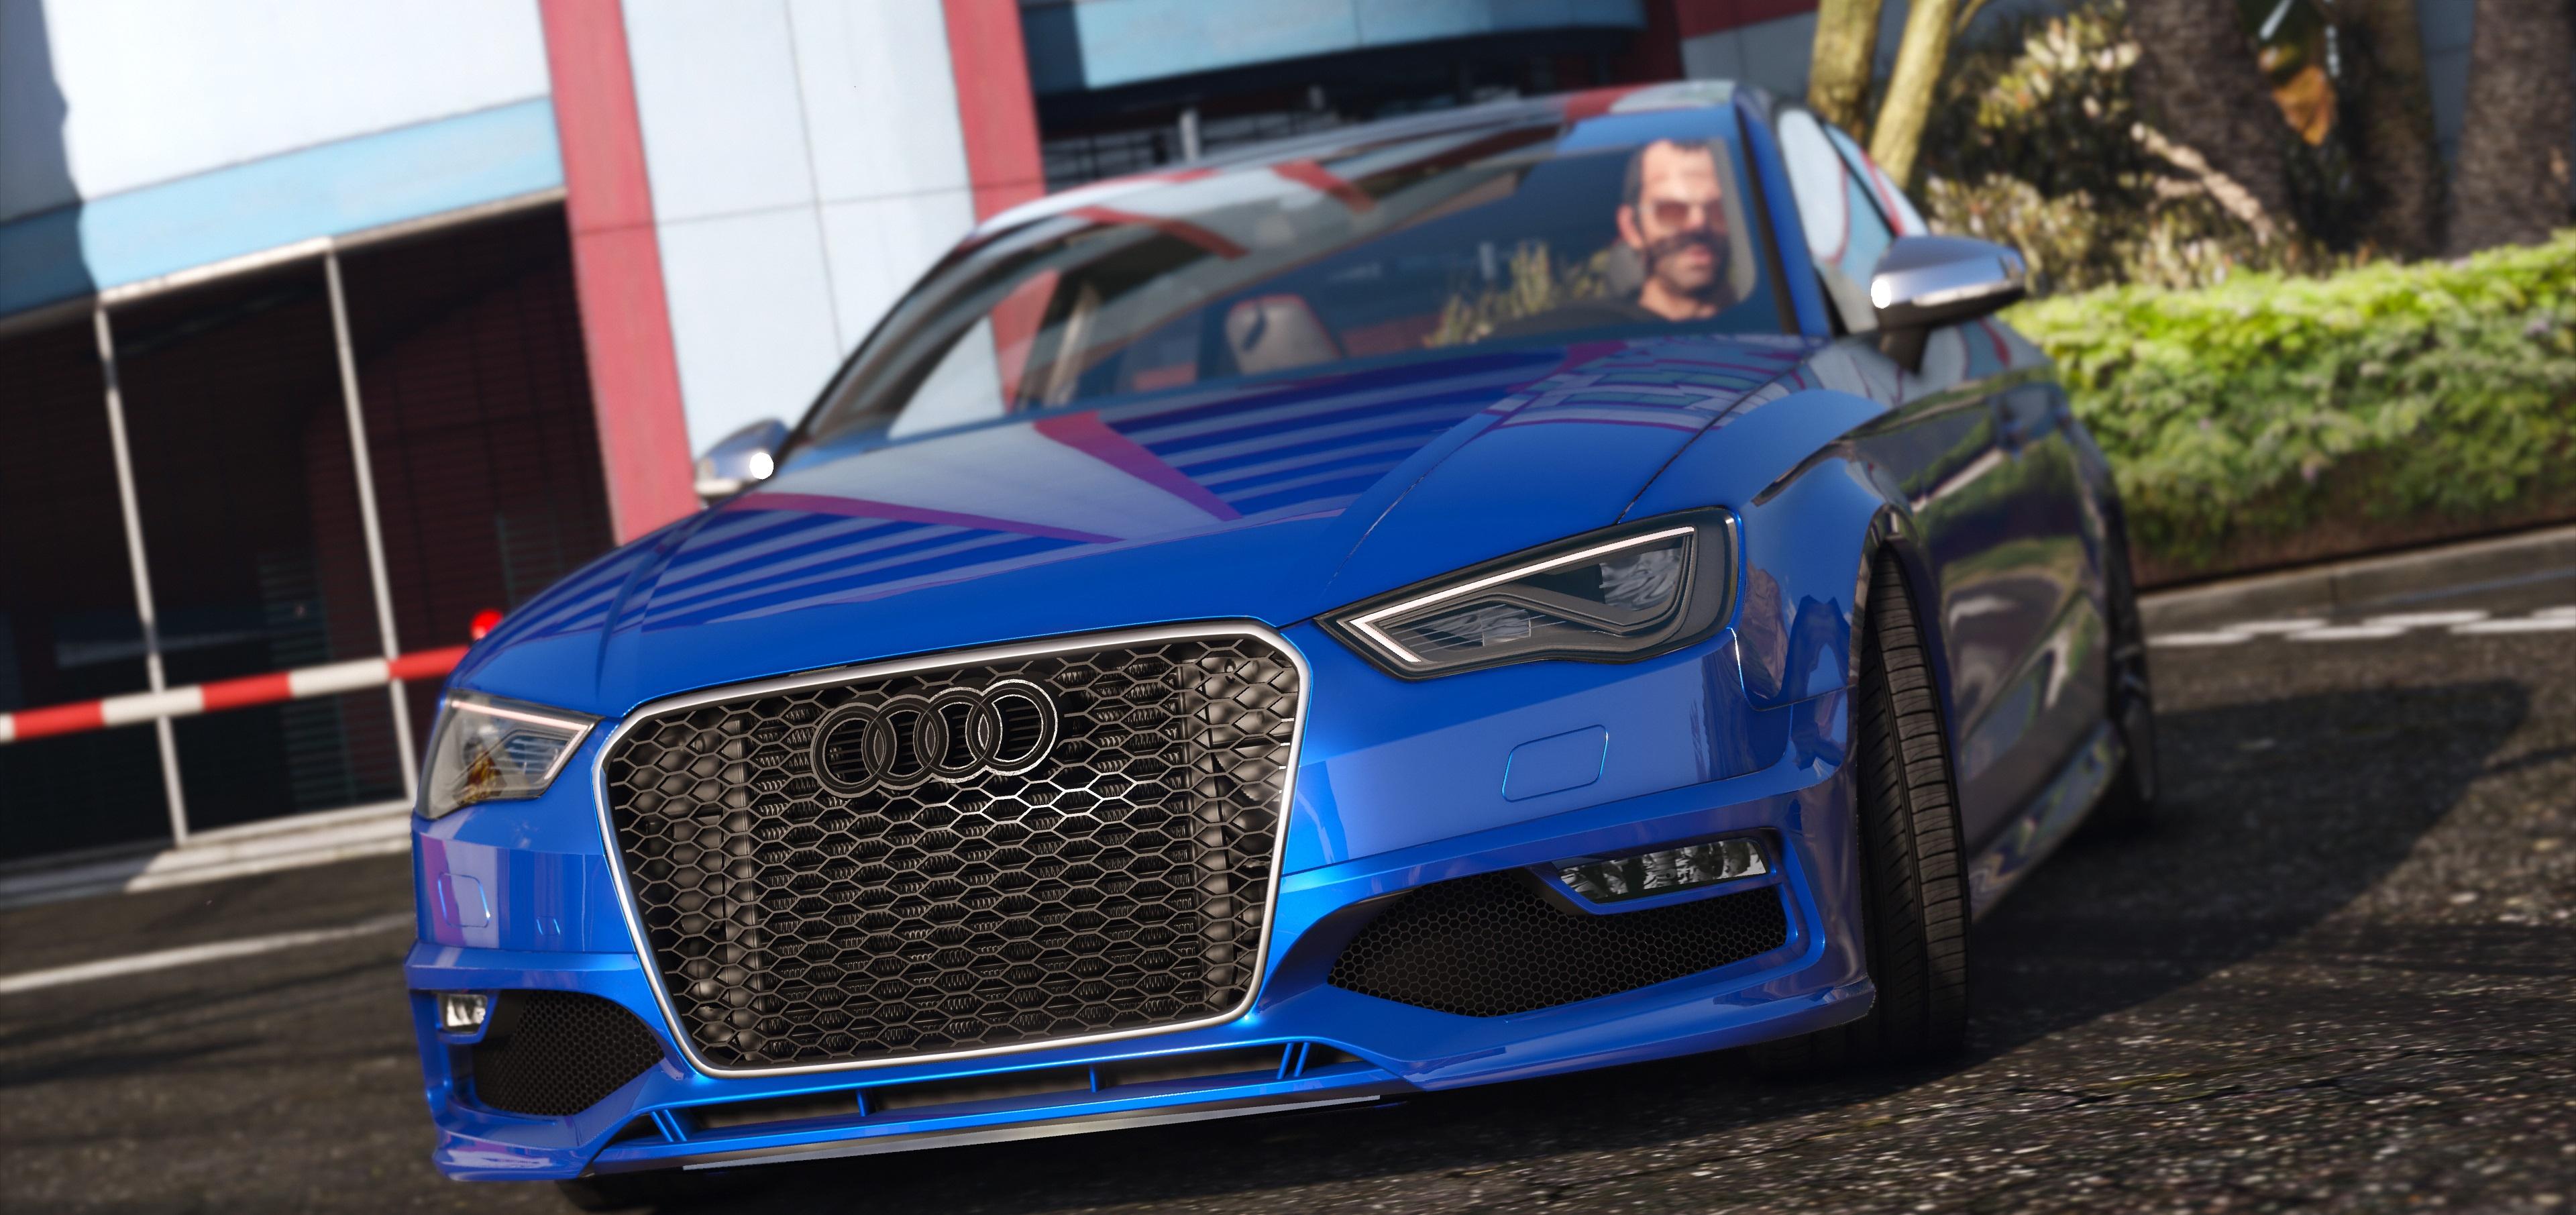 Audi A S Sedan GTAModscom - Audi car gta 5